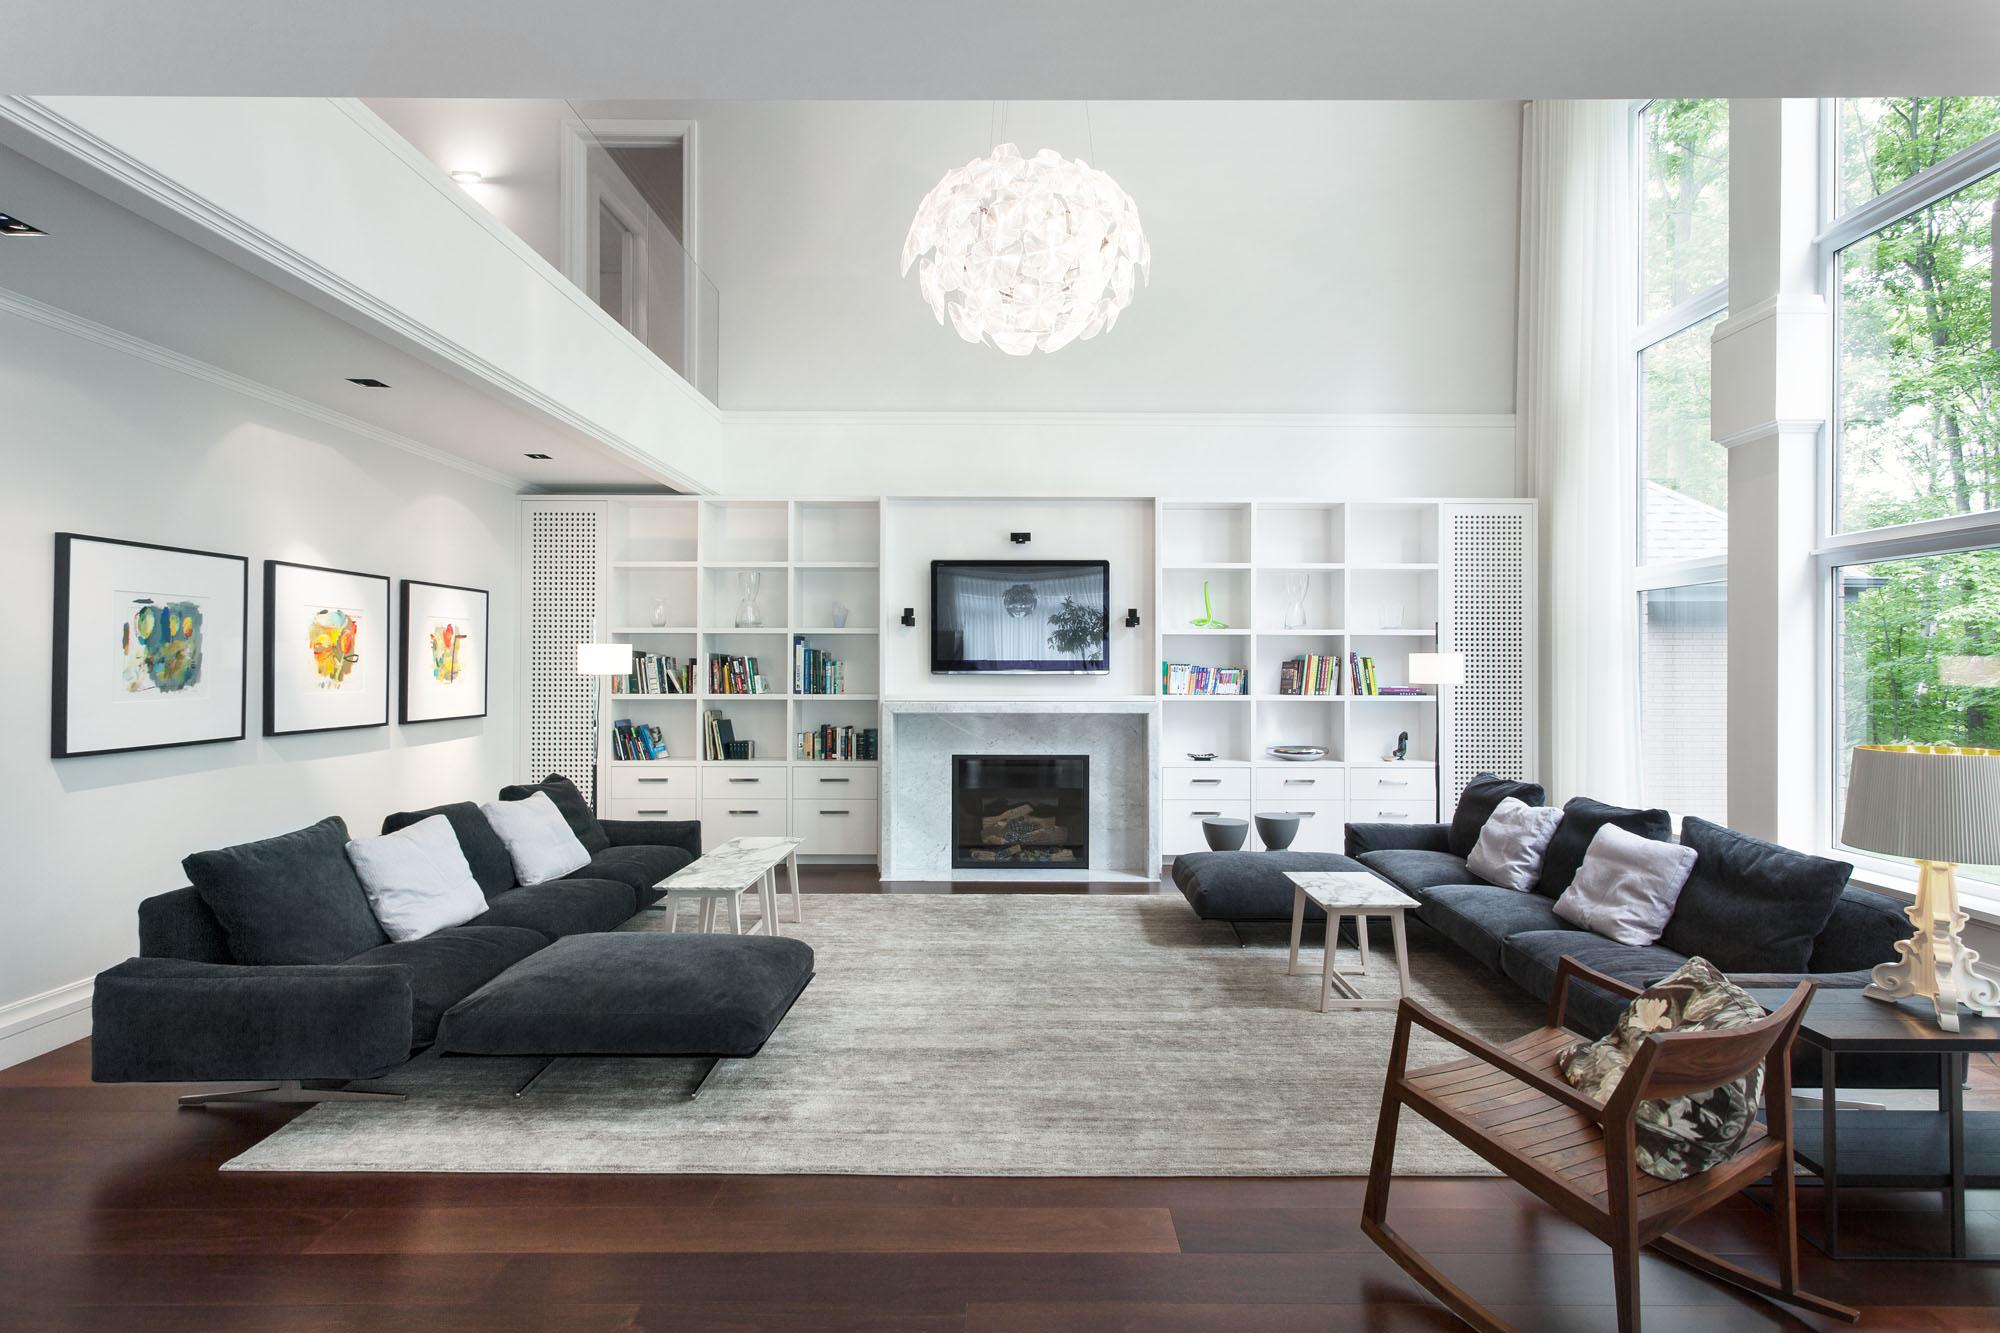 Maison du bois by gestion ren desjardins caandesign for Appartement haussmannien decoration